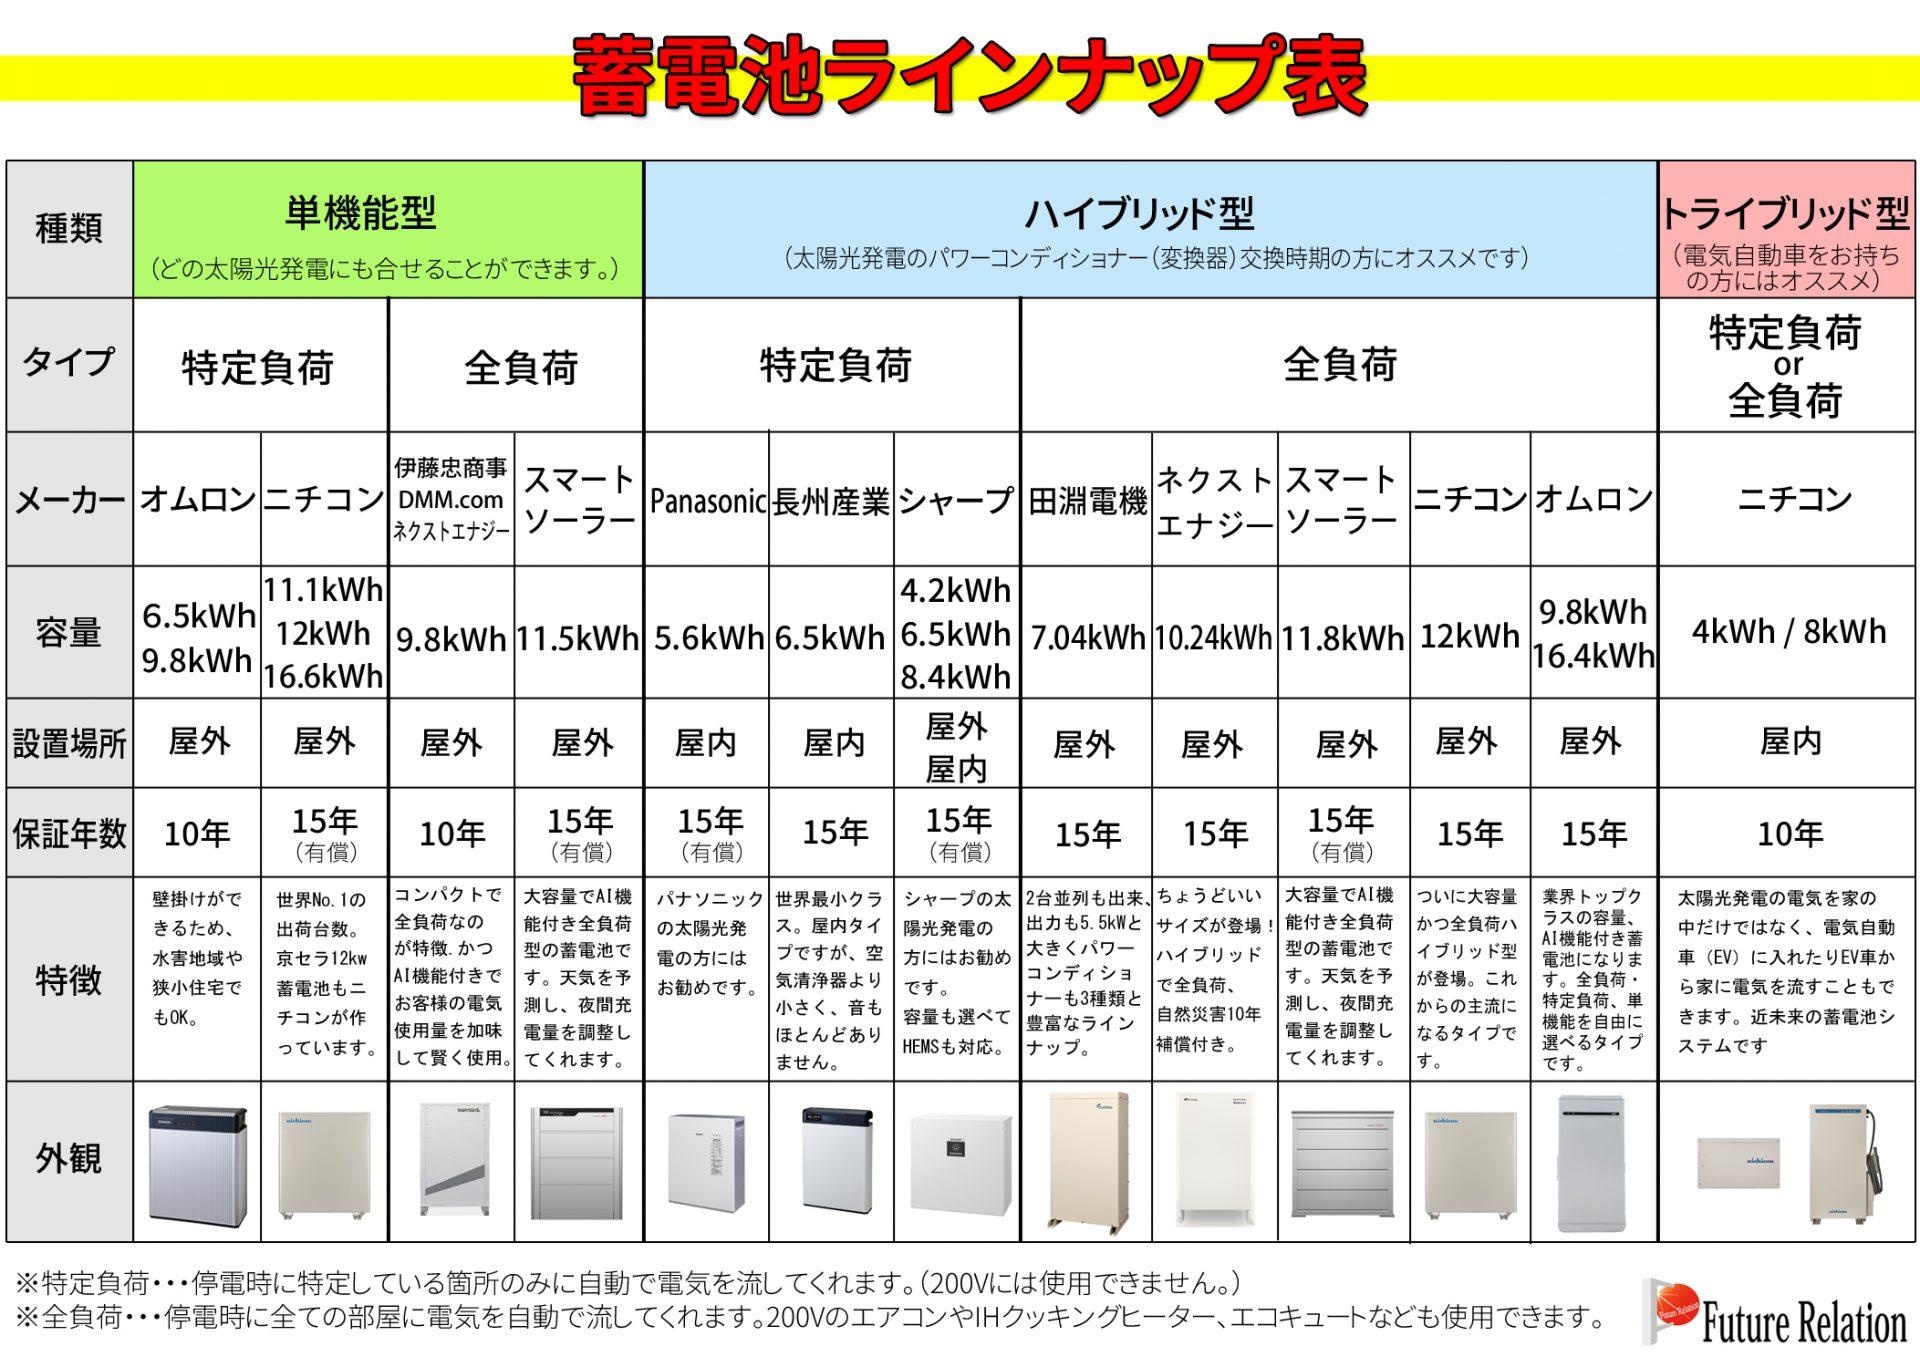 フューチャー・リレーション蓄電池ラインナップ表